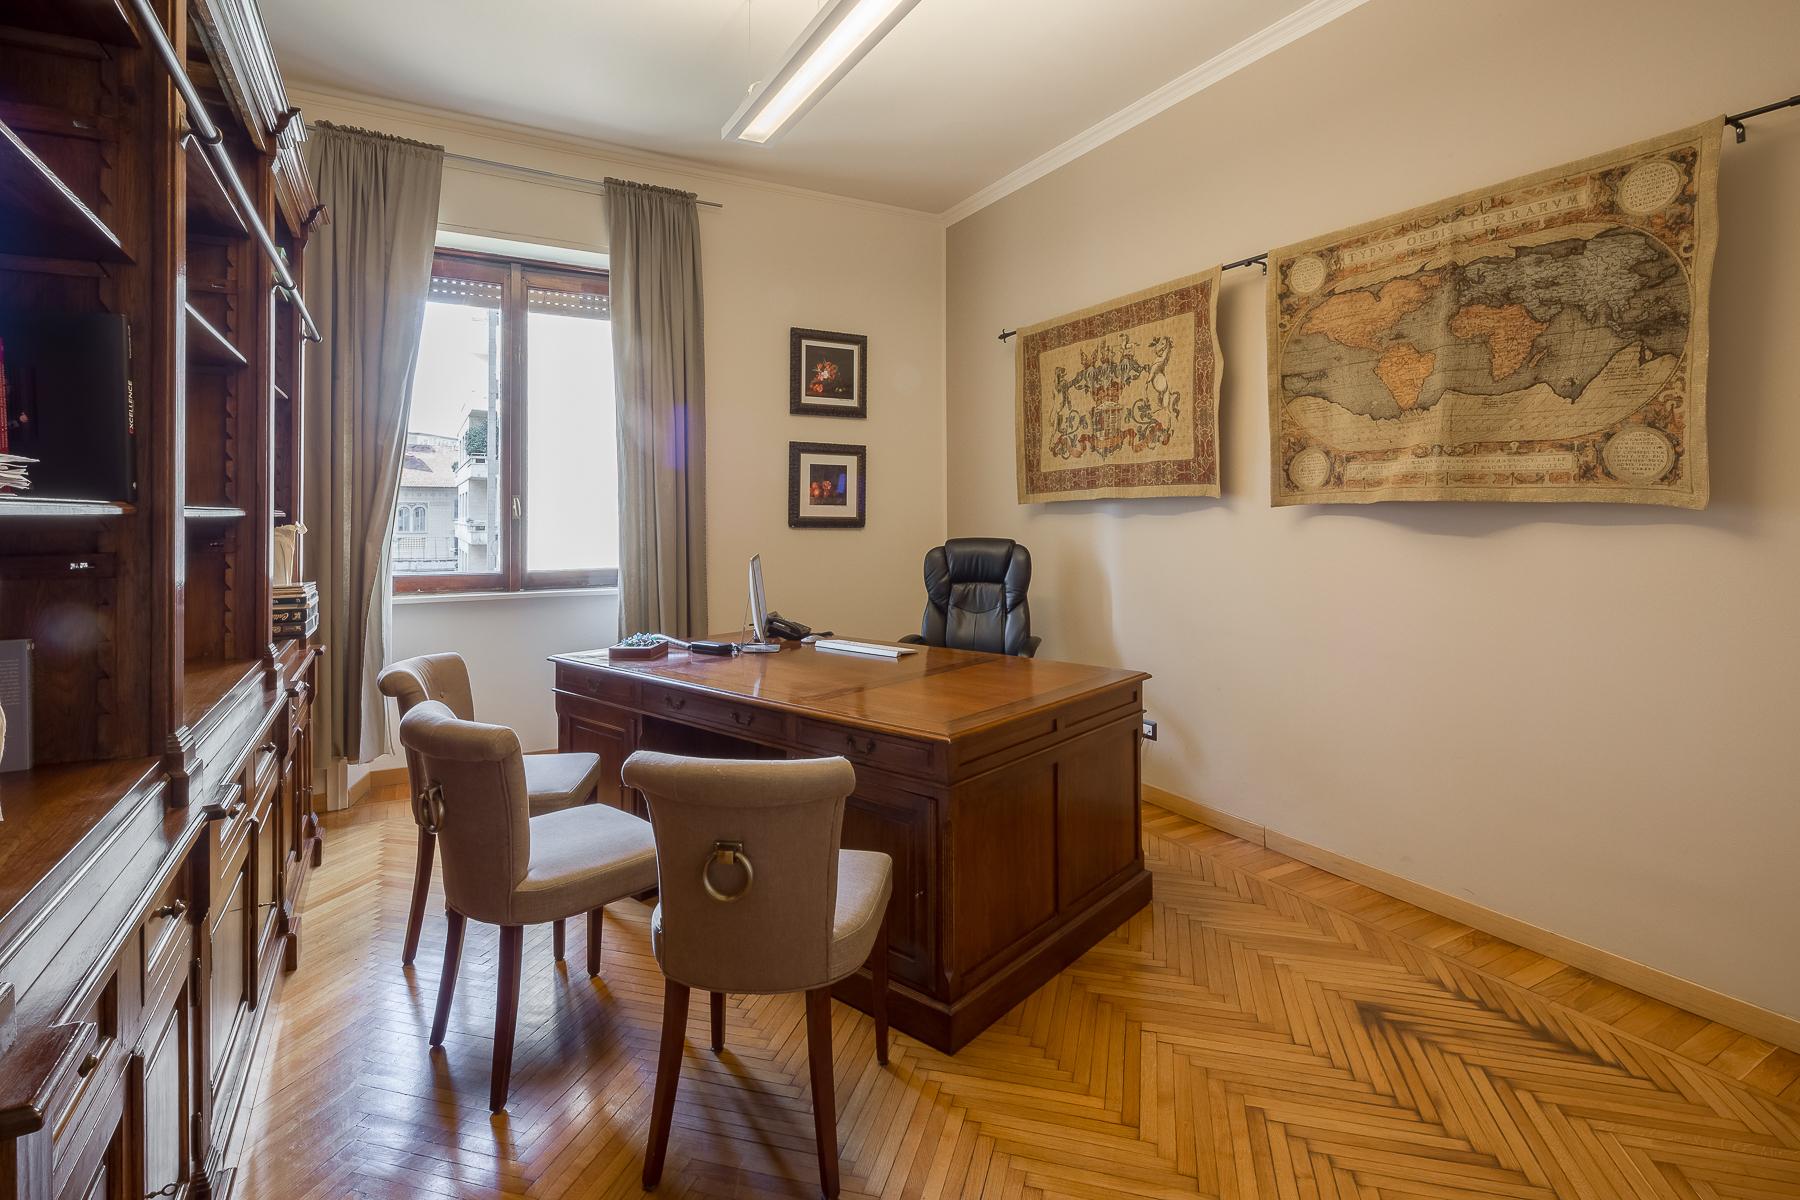 Ufficio-studio in Vendita a Milano: 4 locali, 155 mq - Foto 3